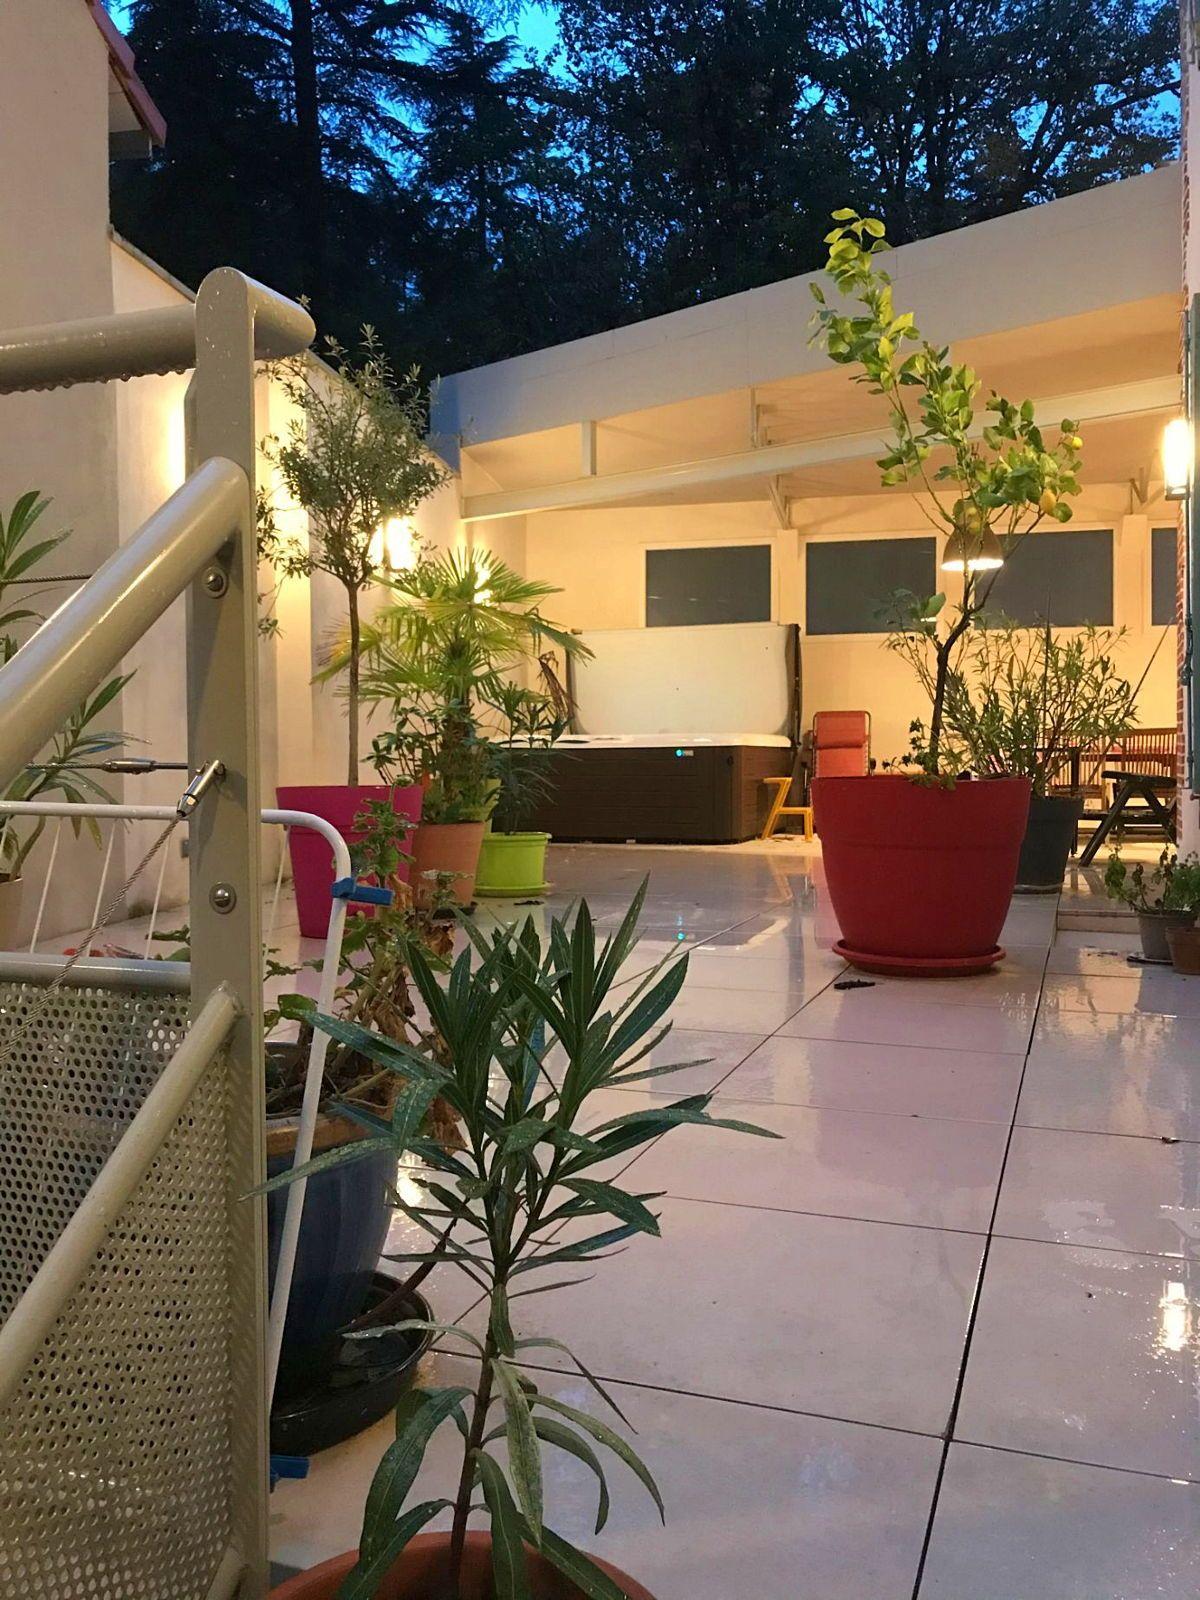 Loue maison confort & charme 👍 9chambres 240m² - Riom/Châtel Guyon (63)